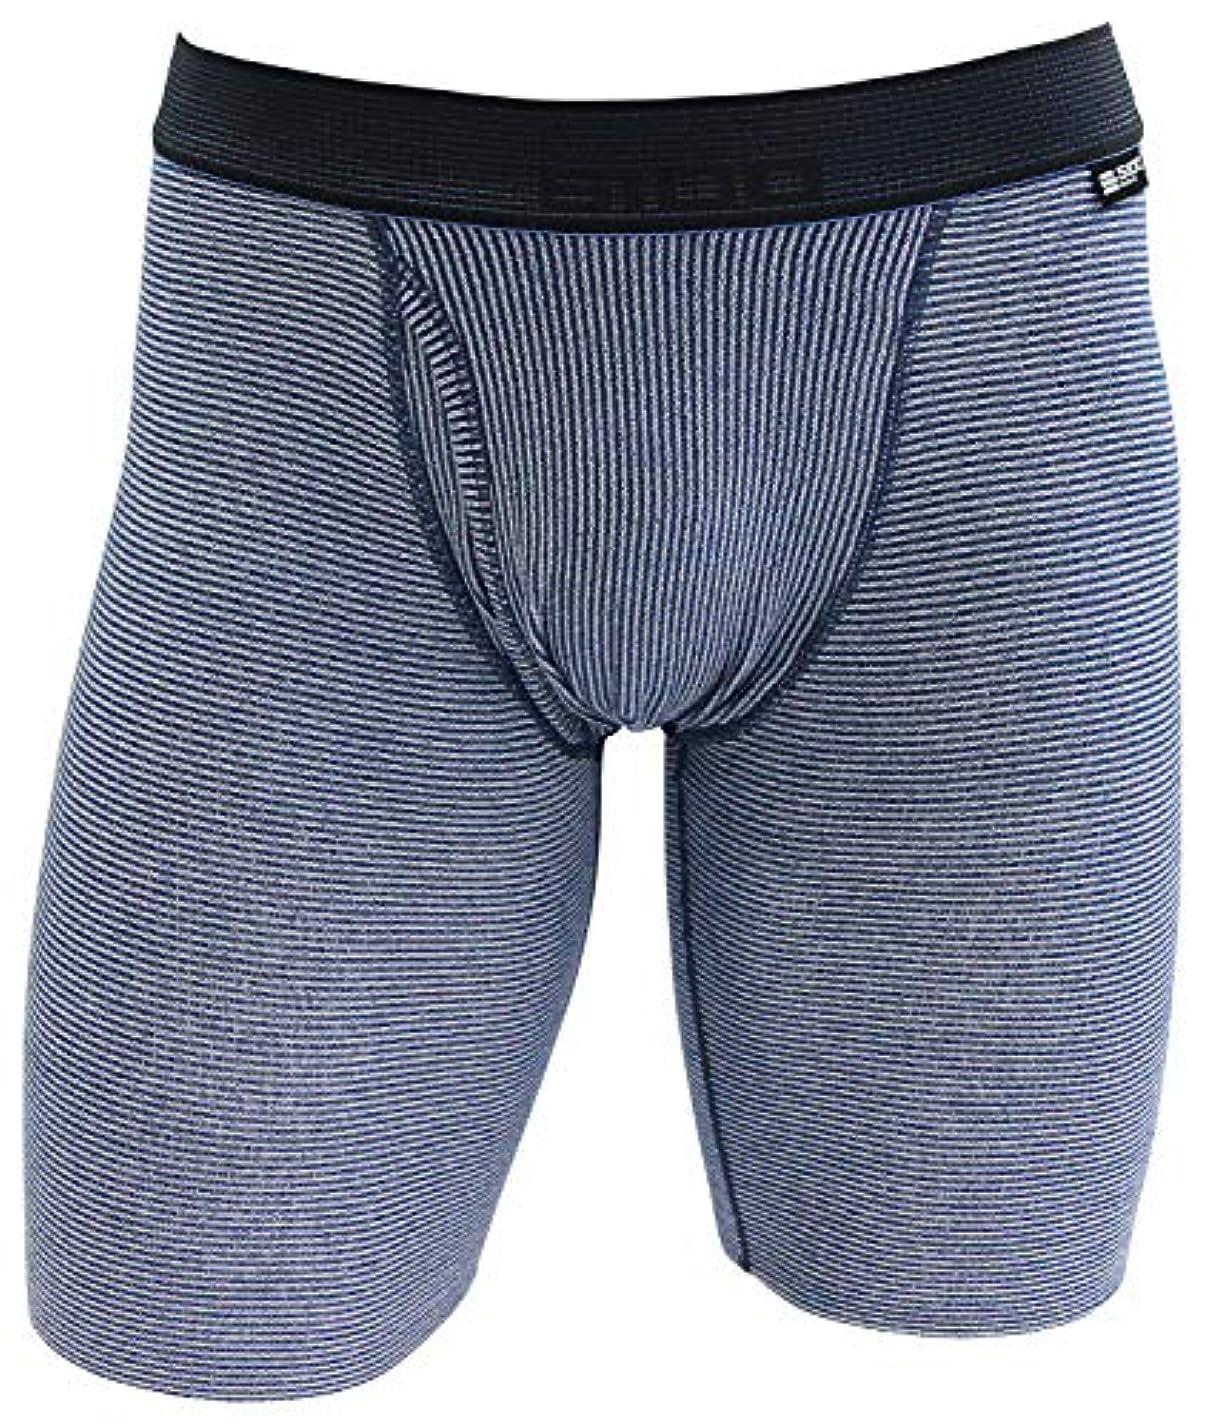 エンゲージメントランチョンバーマドSIDO(シドー) 包帯パンツ 前開きエキストラロングボクサー ネイビー L(84~94cm) 1081